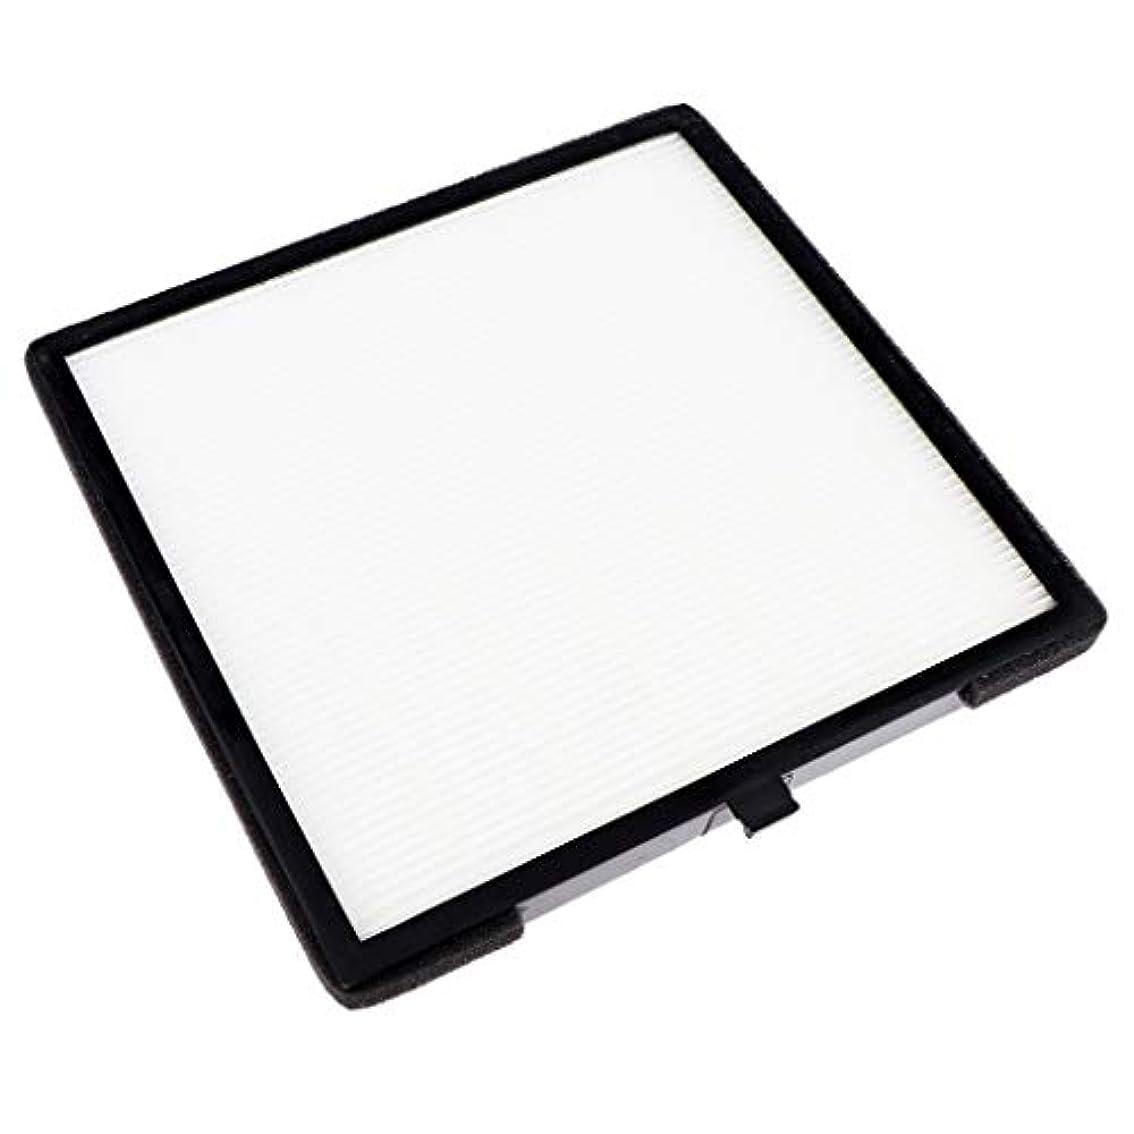 キロメートルギャラントリーアルミニウムF Fityle ネイル ダストコレクター フィルター スクリーン DIY ネイルアート 集塵機フィルター